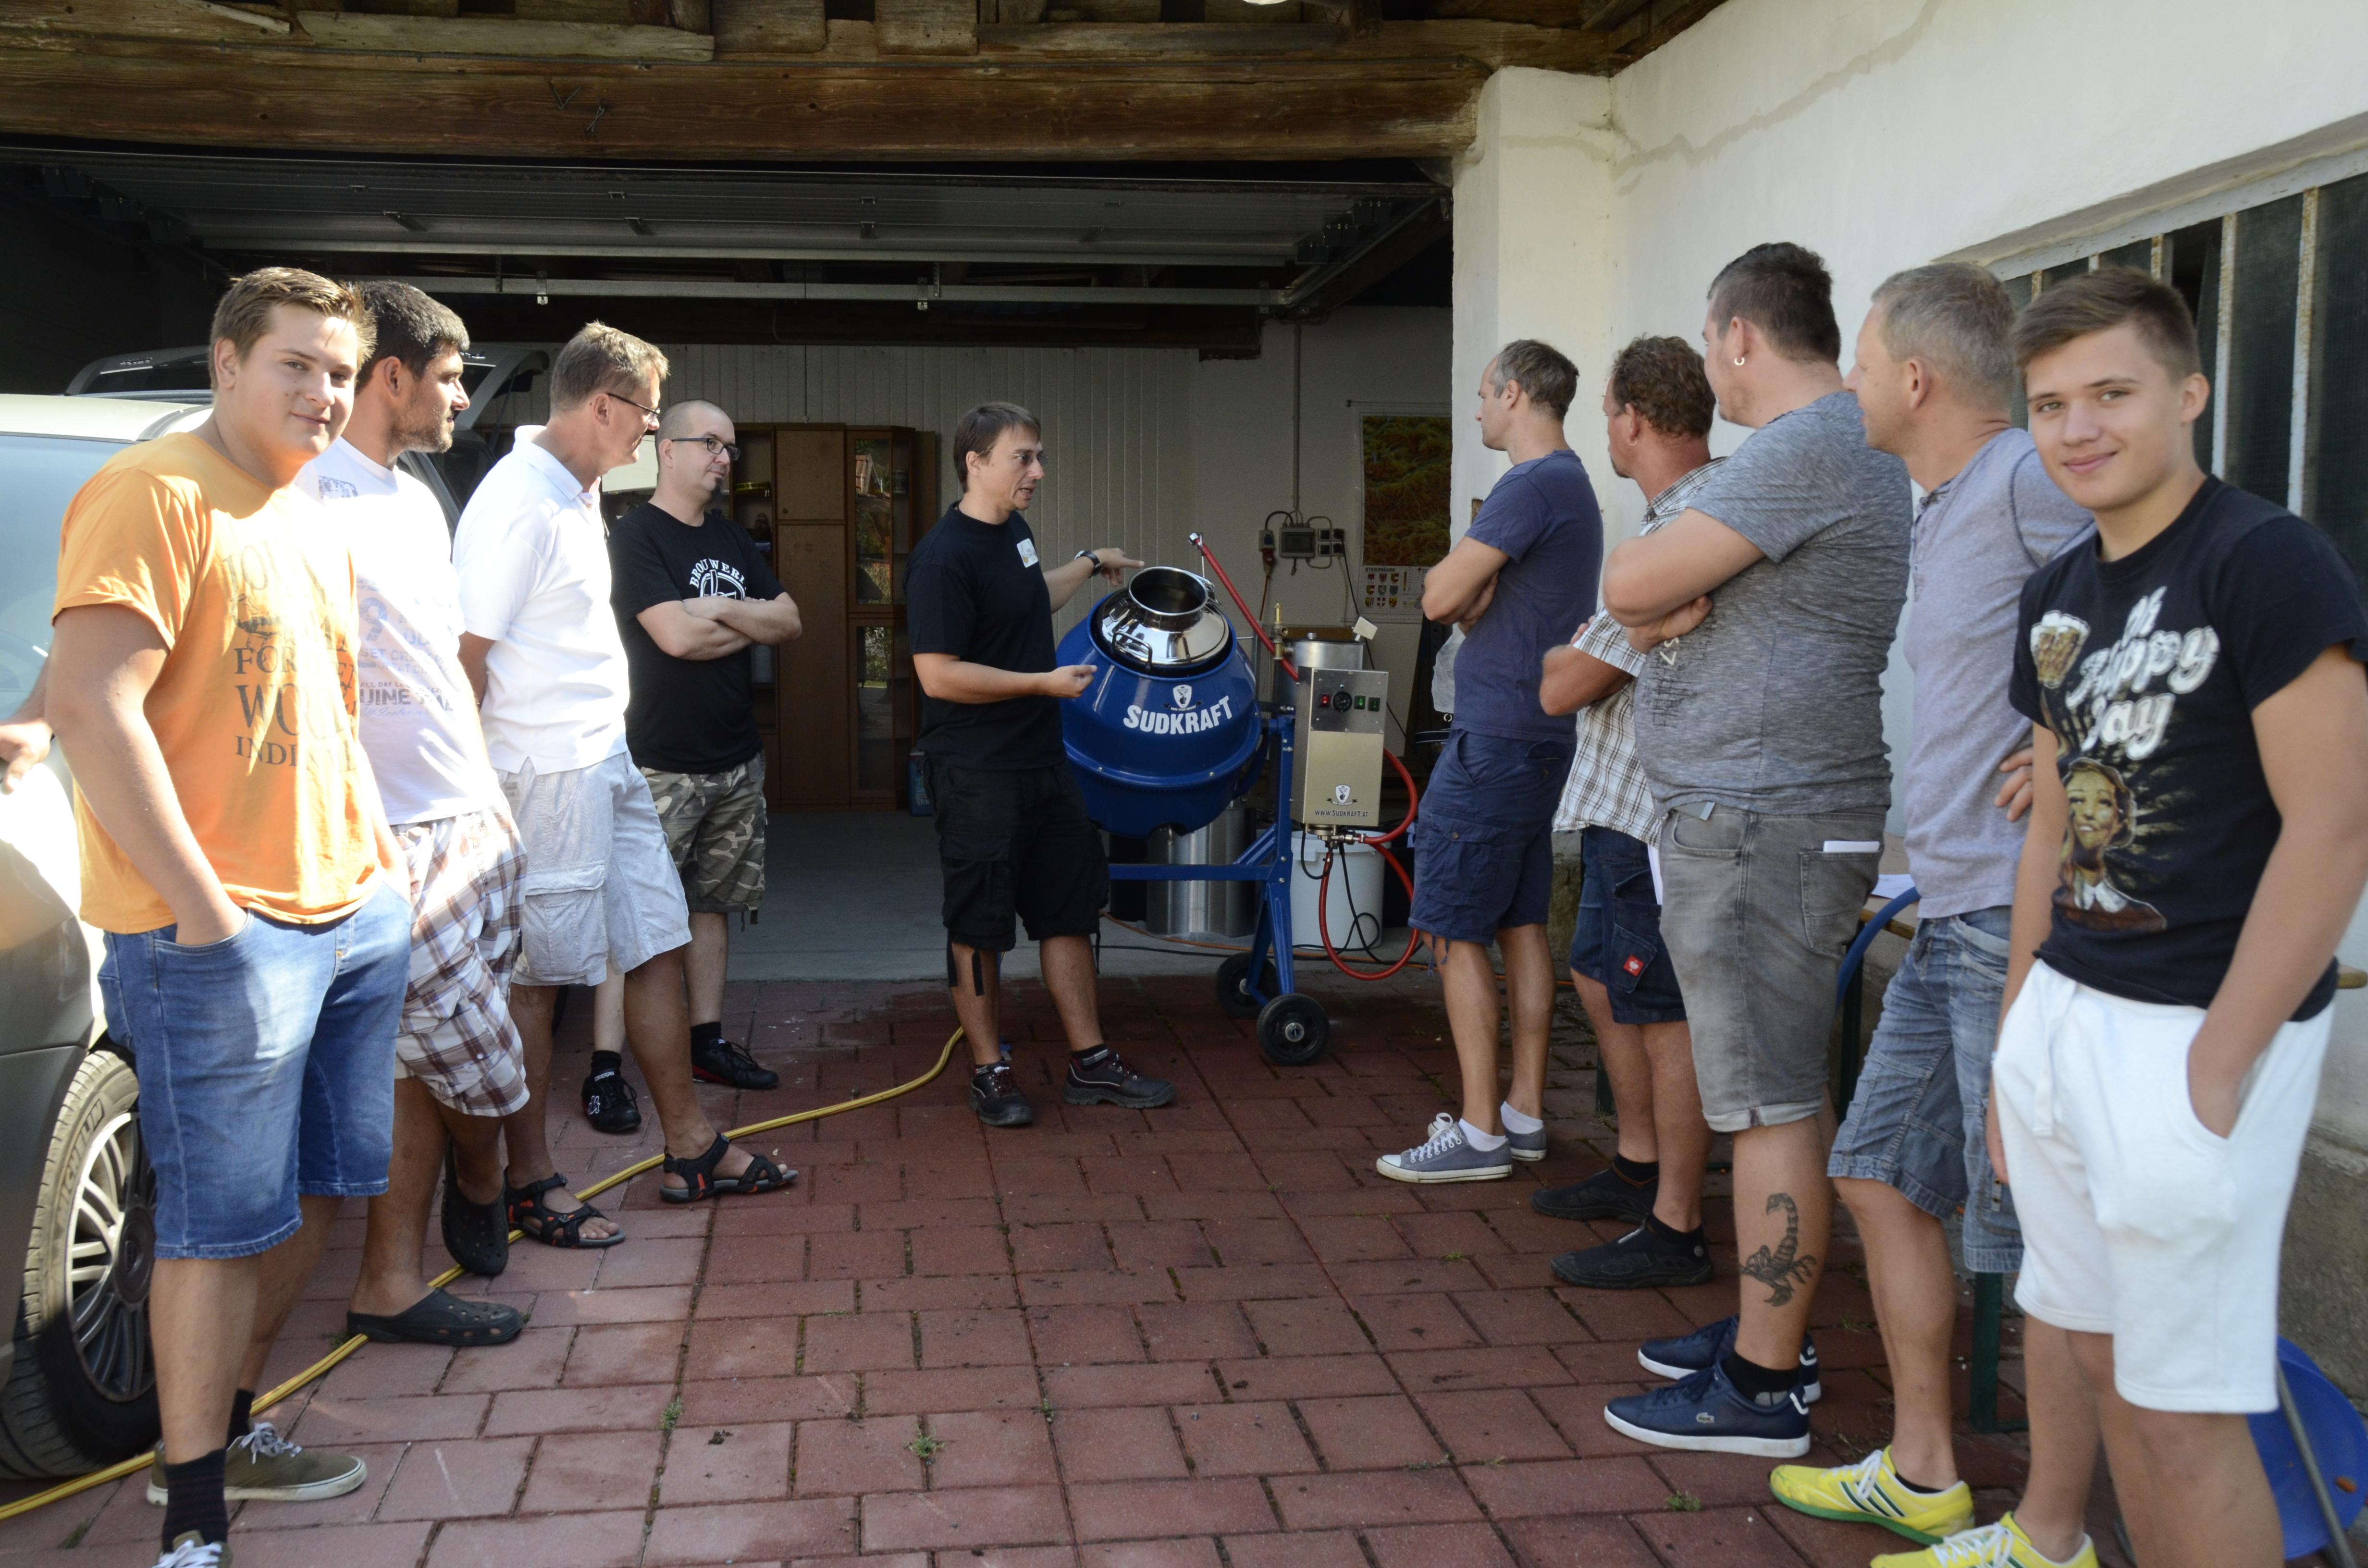 Vortragende vom Verein der Freunde des botanischen Gartens erklärten das Bierbrauen